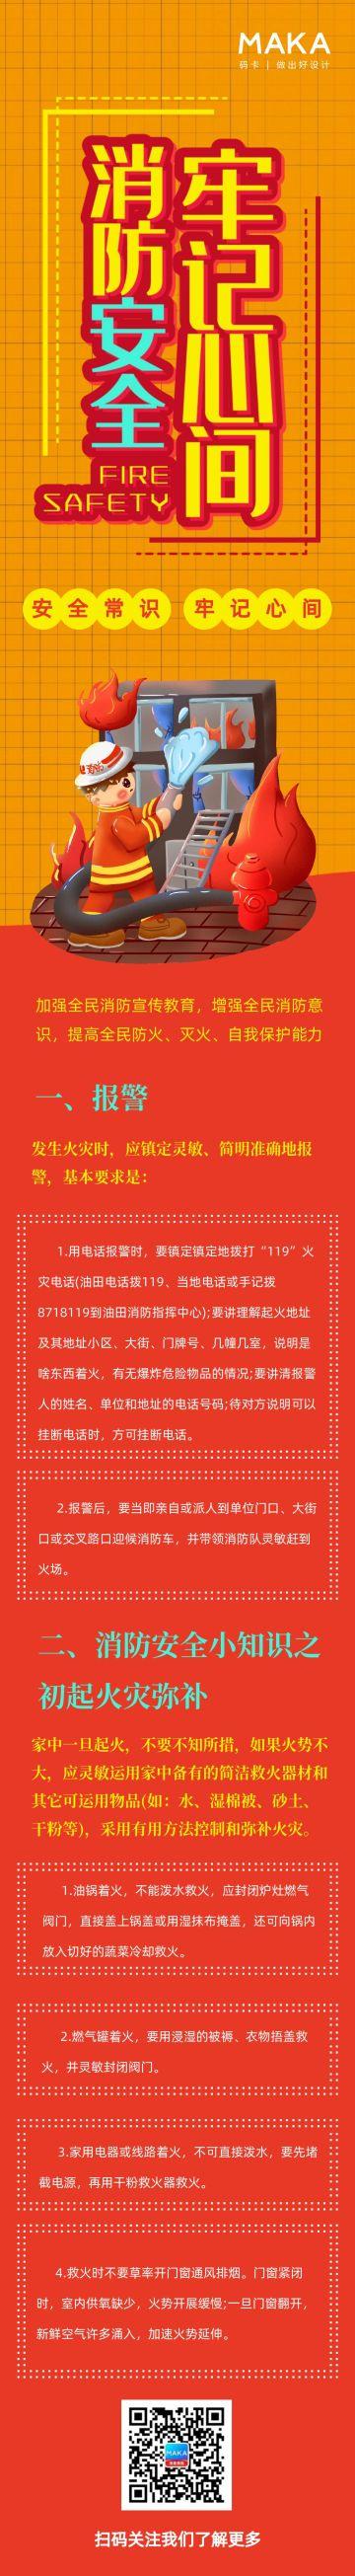 红色简约风格消防安全日知识科普节日长图片文章长图